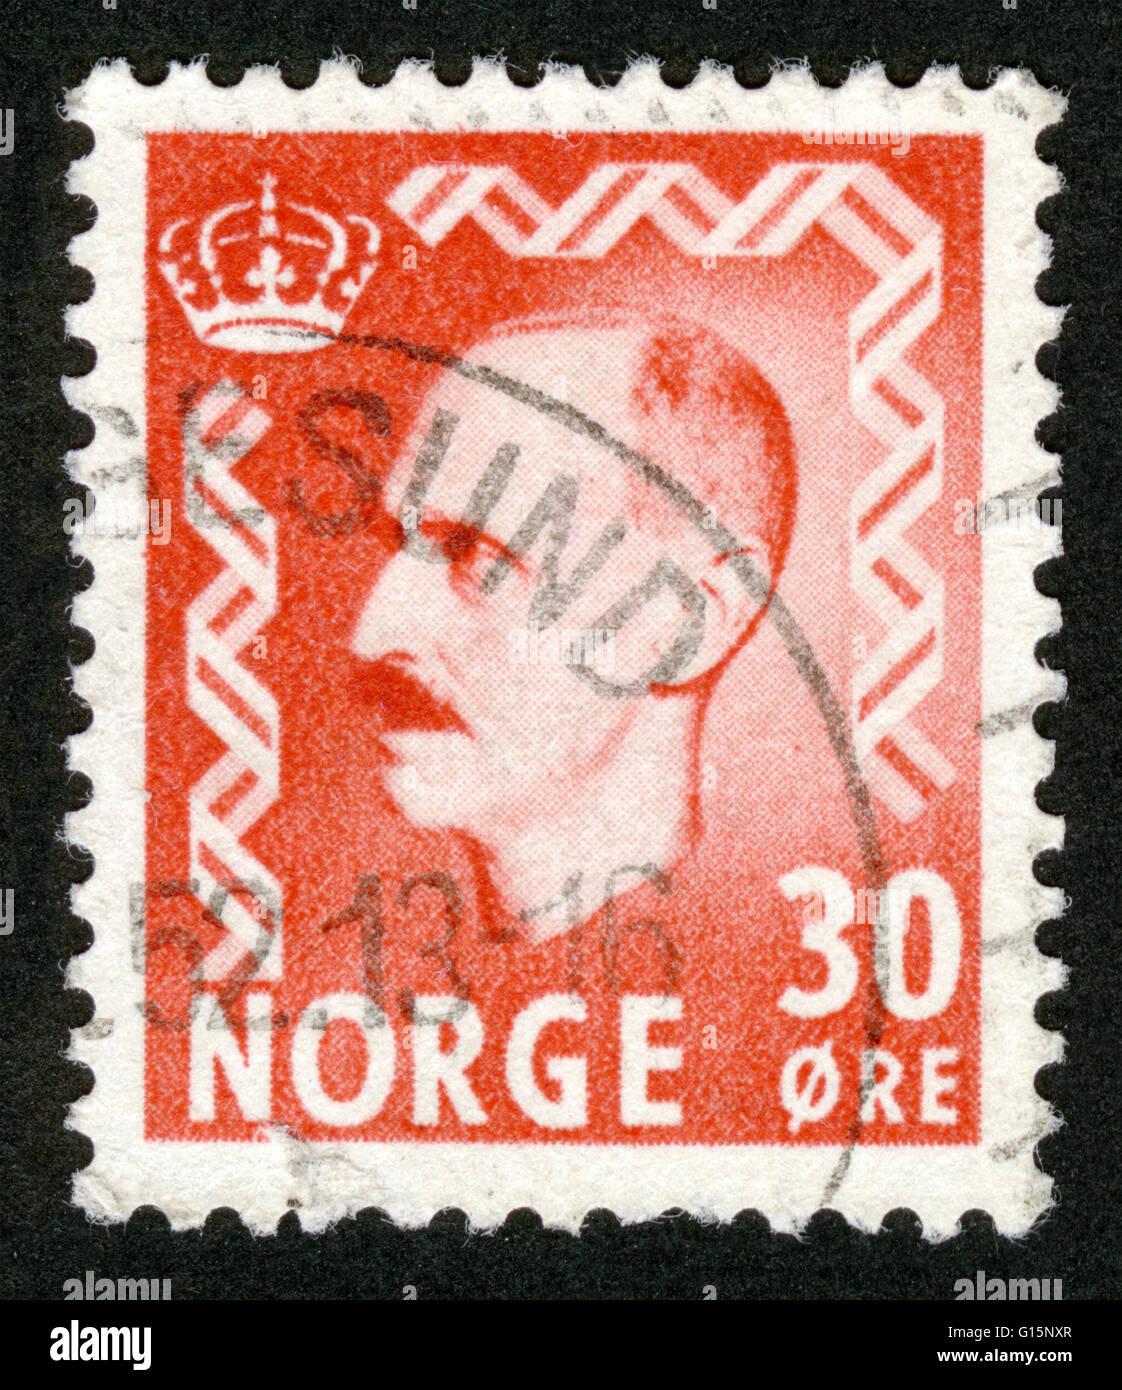 Haakon VII, King of Norway (1905-1957), postage stamp, Norway - Stock Image